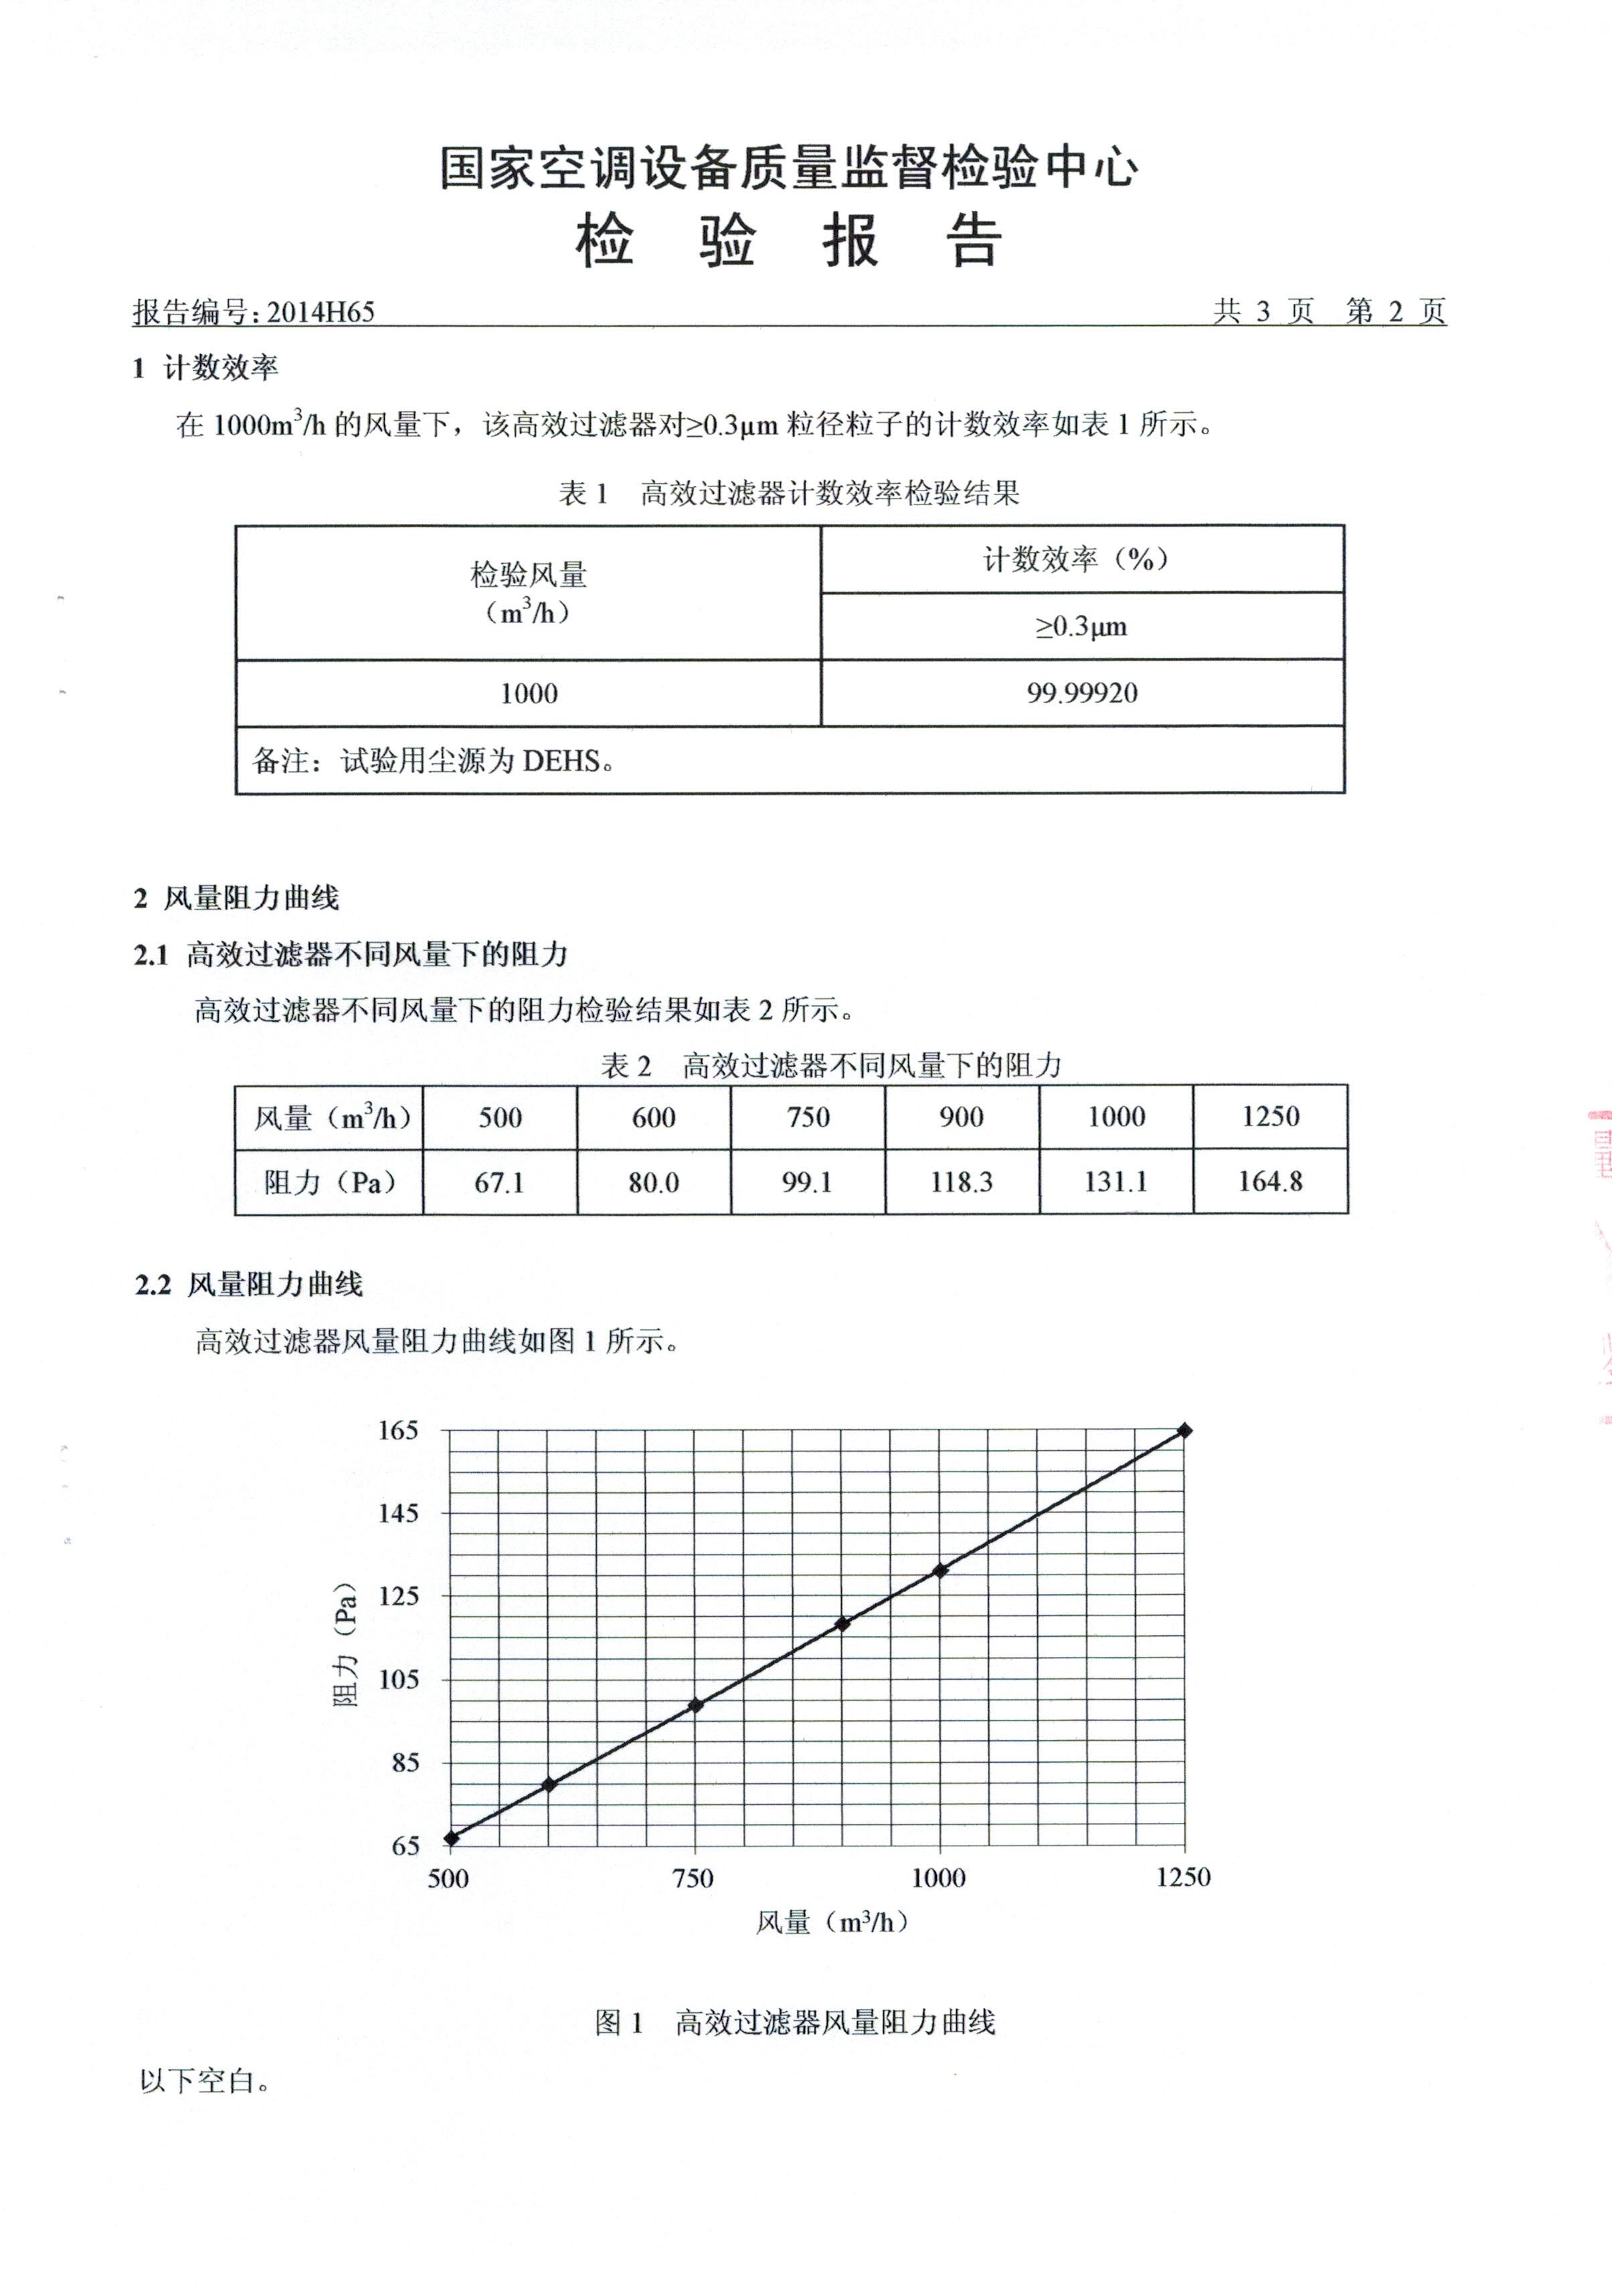 高效过滤器第三方检测报告2